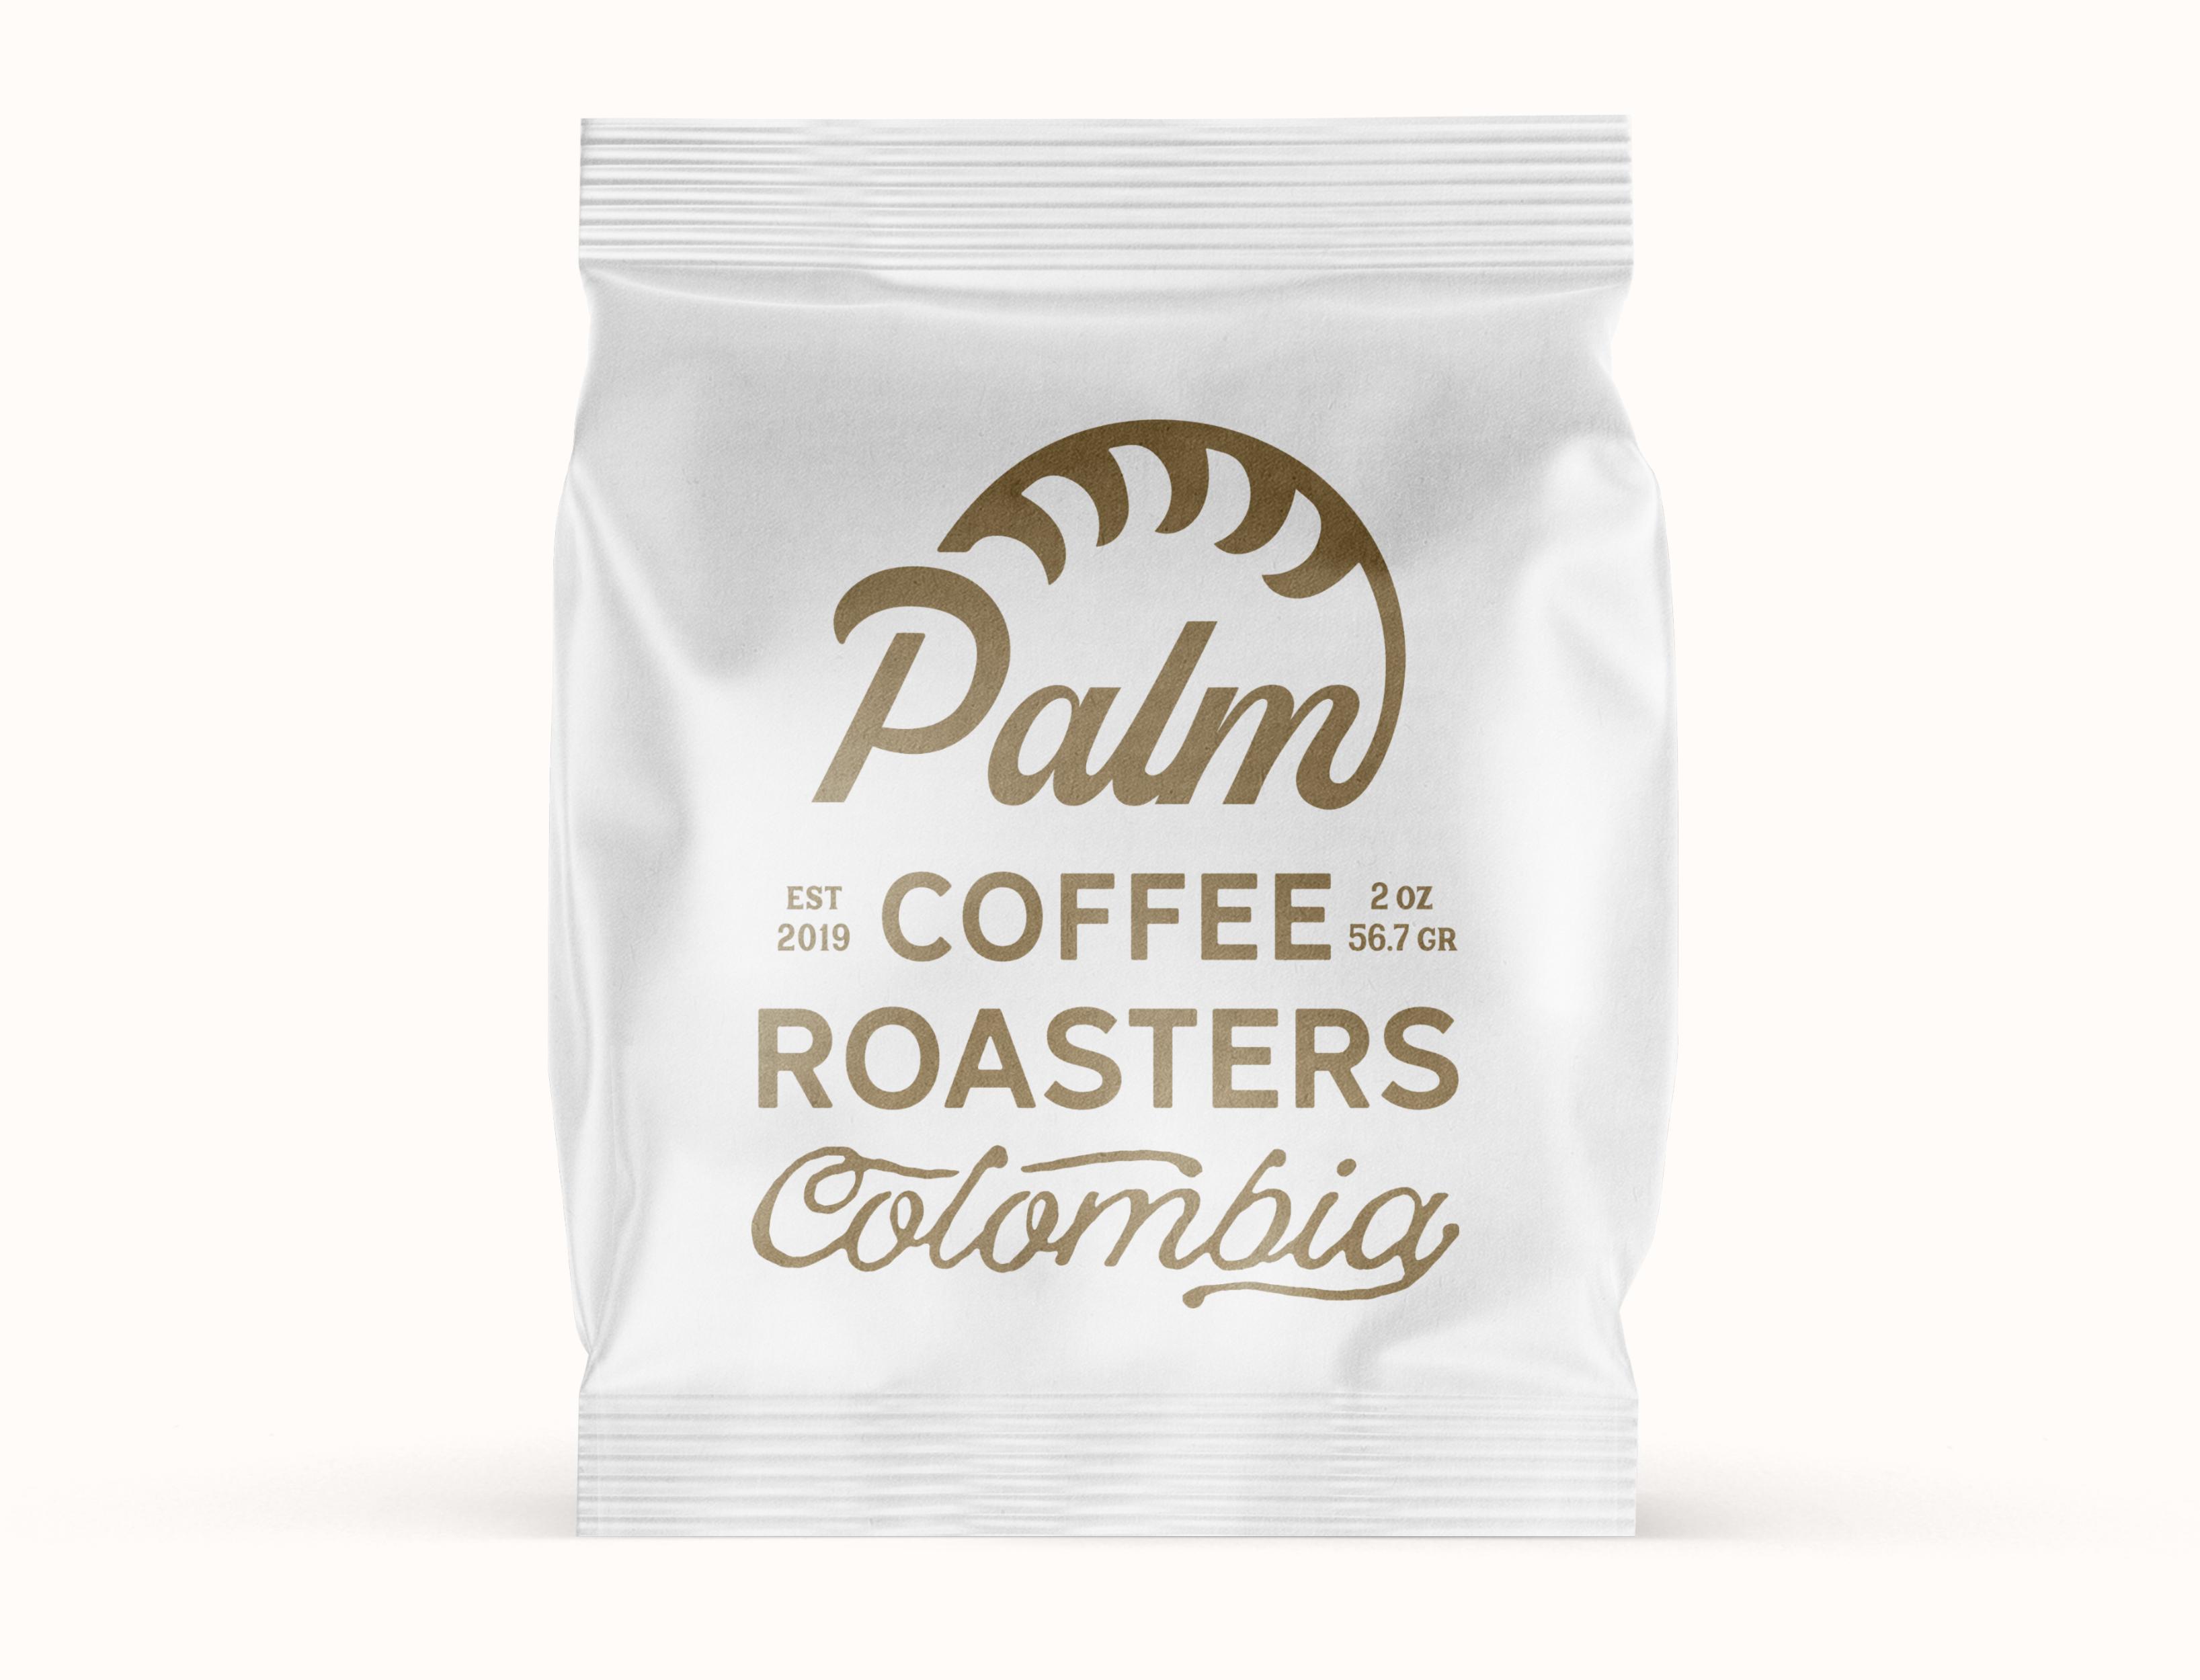 palm-branding-packaging-frac-coffee-minimal-design-graphic-florida-hollywood-espresso-decaf-12-oz-agency-zeki-michael-freelance copy